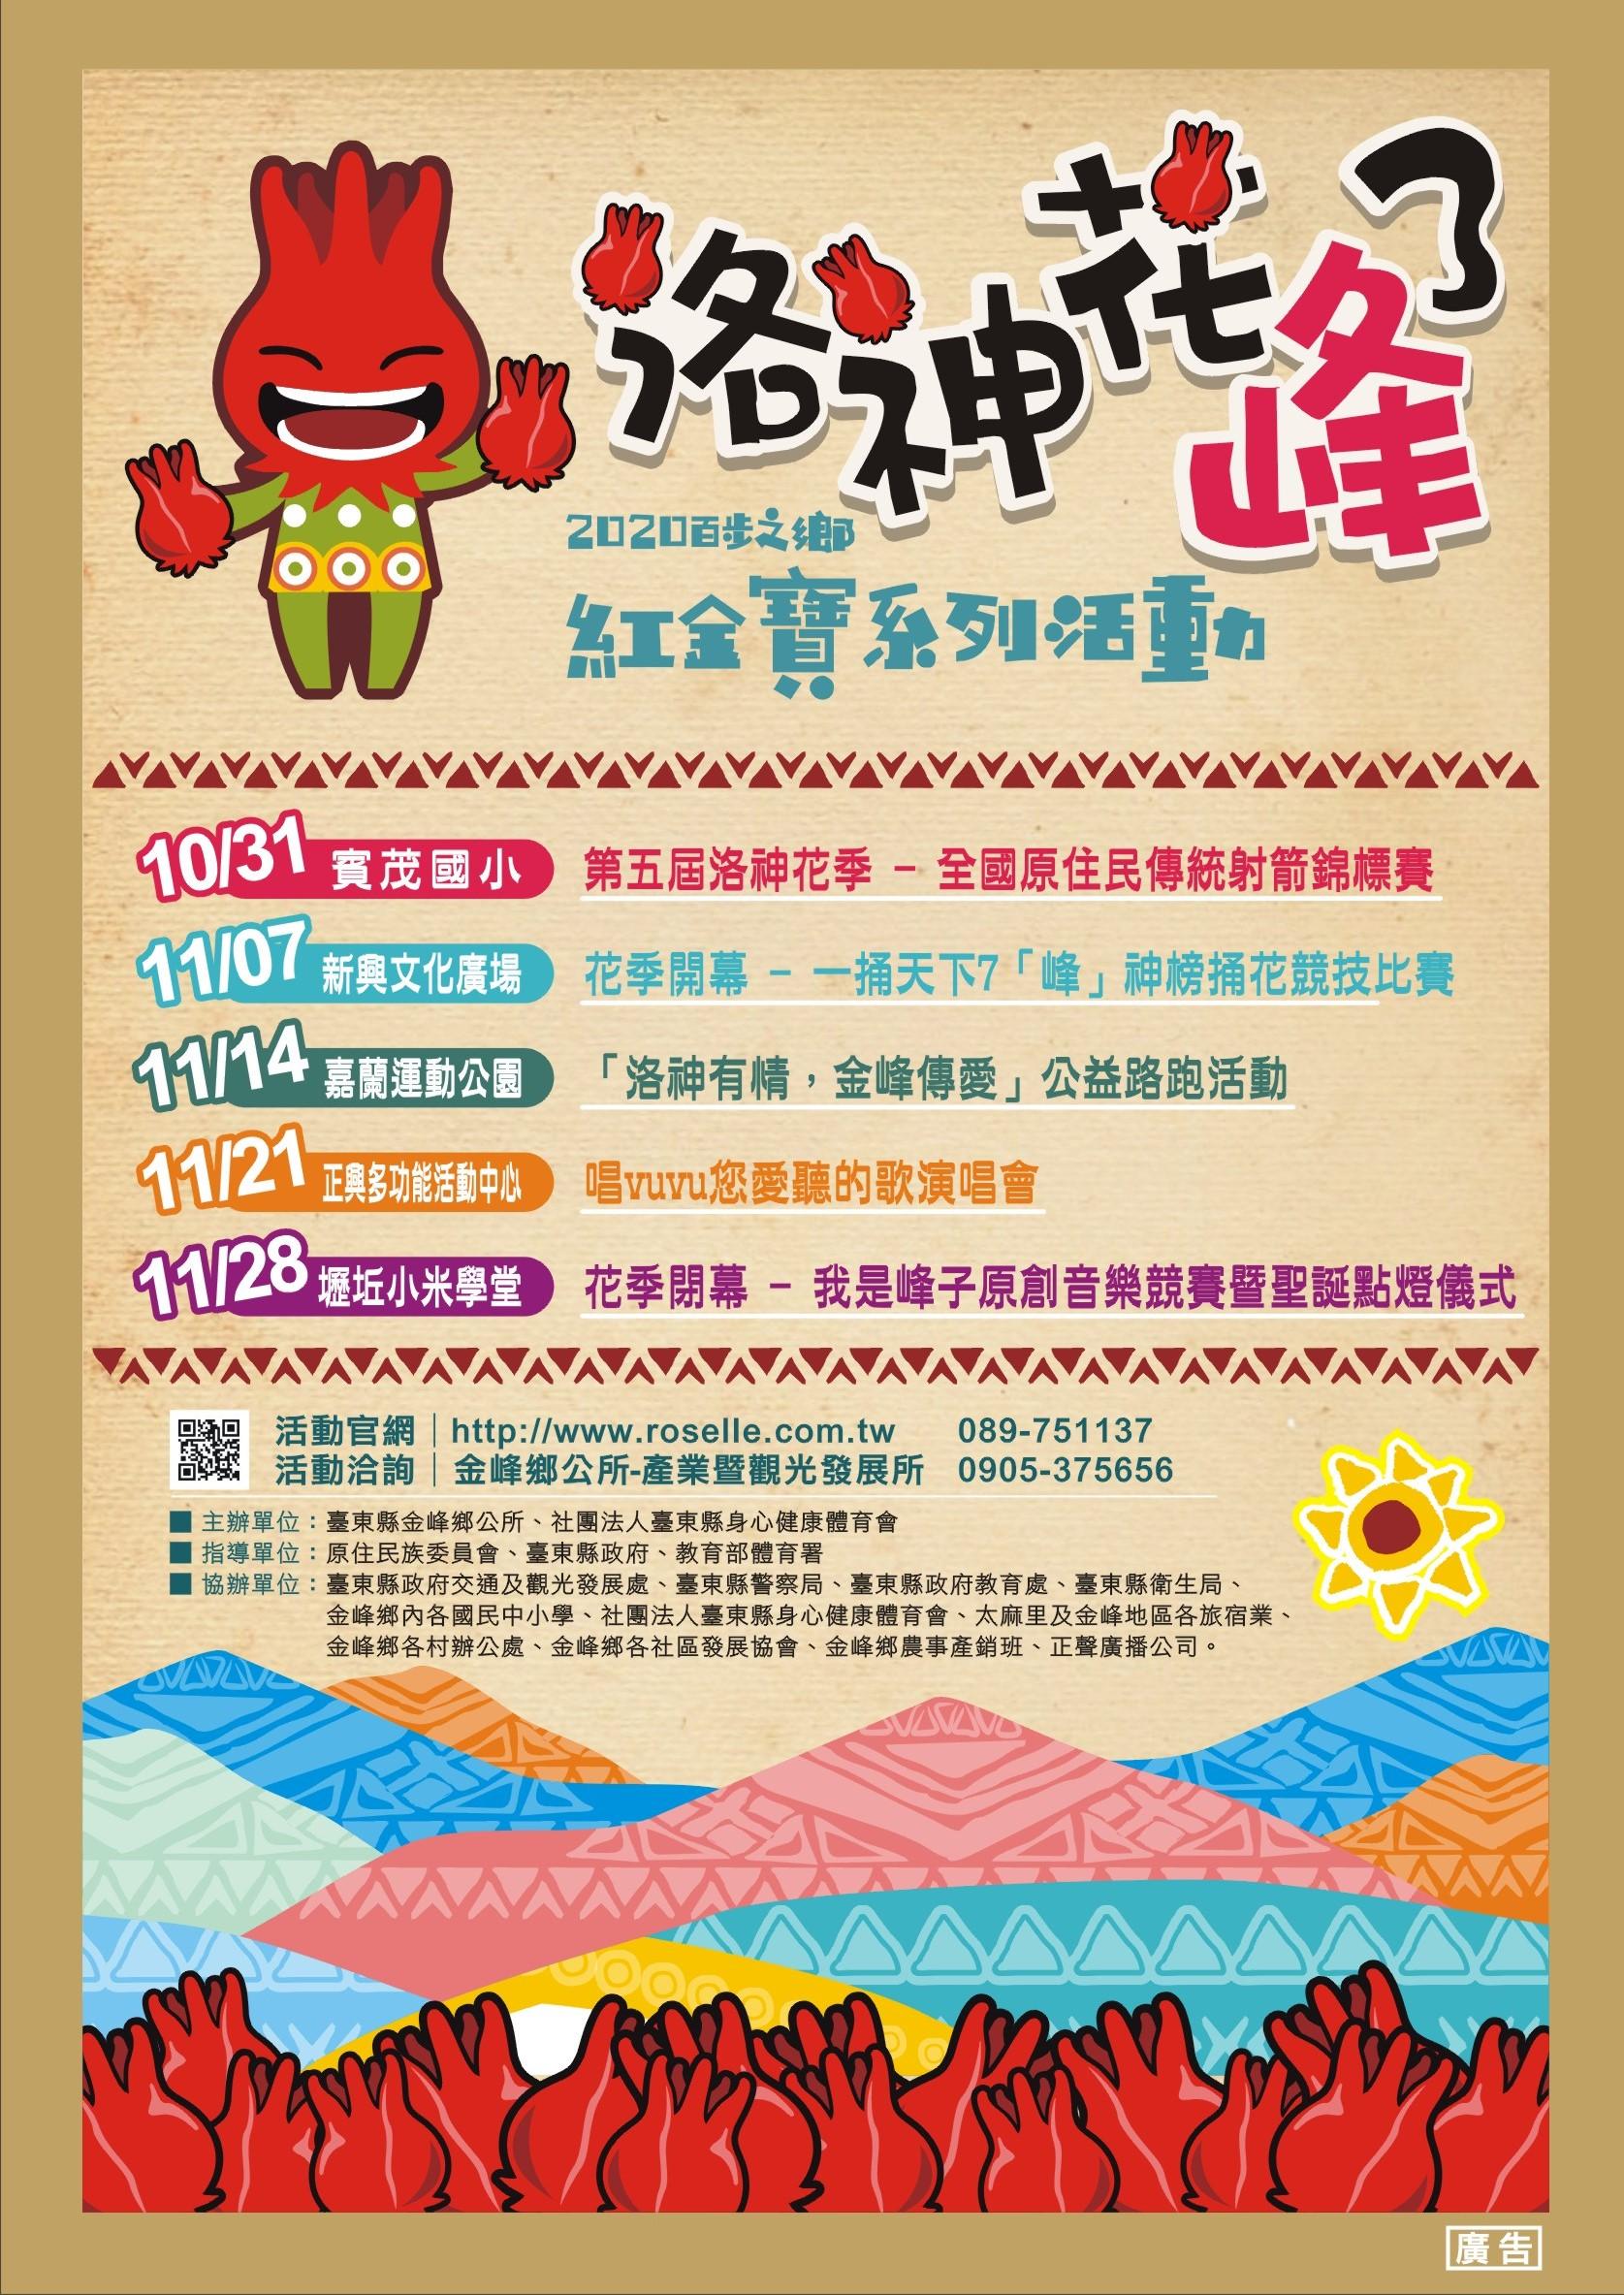 臺東縣金峰鄉辦理「2020百步之鄉-紅金寶系列活動」海報